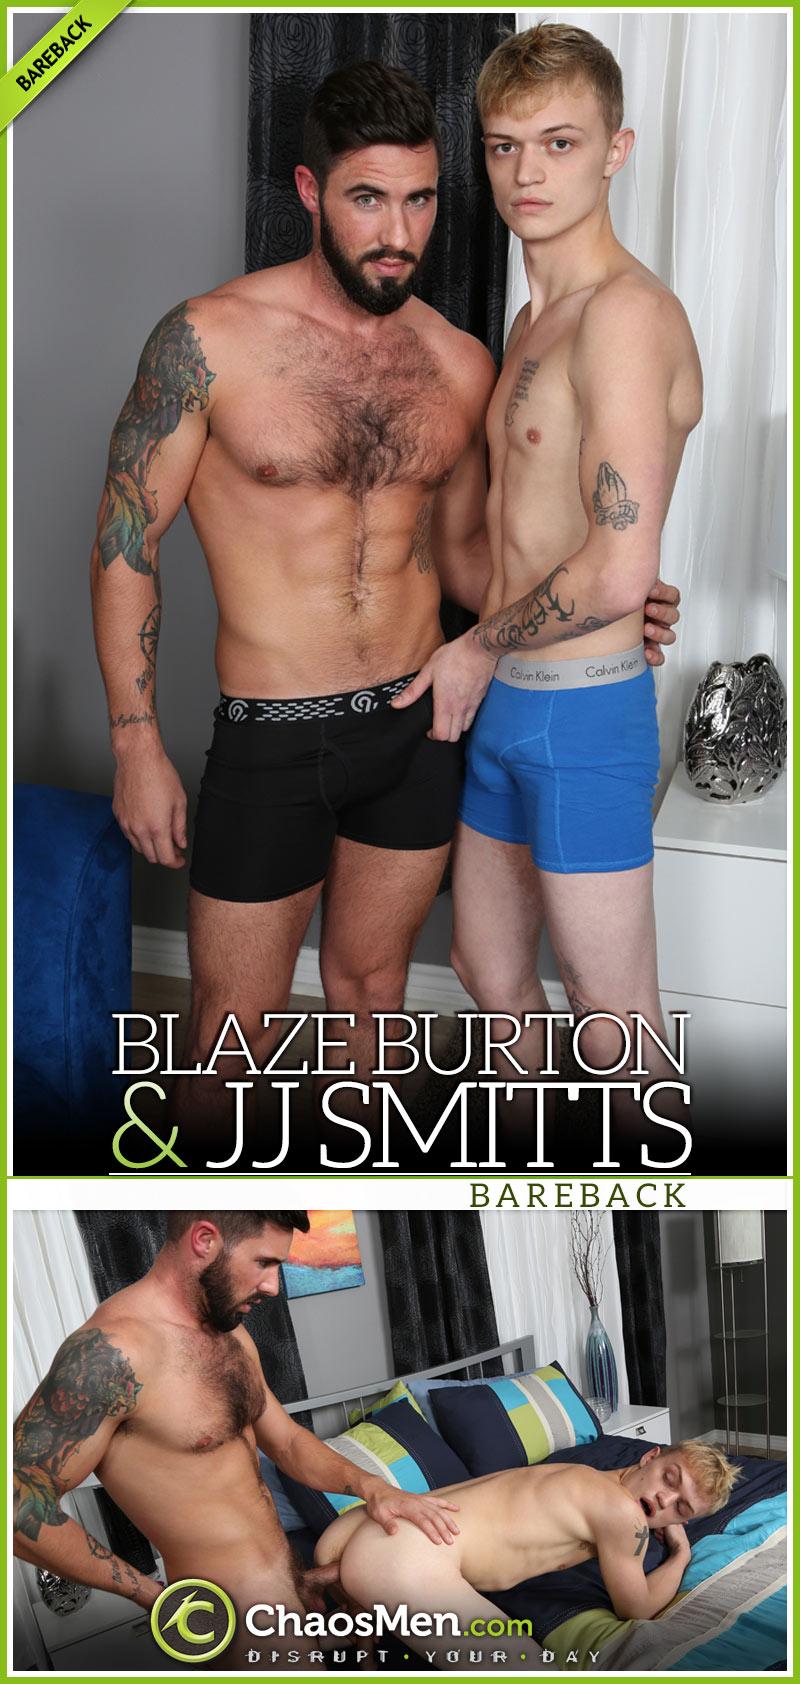 Blaze Burton Fucks JJ Smitts at ChaosMen